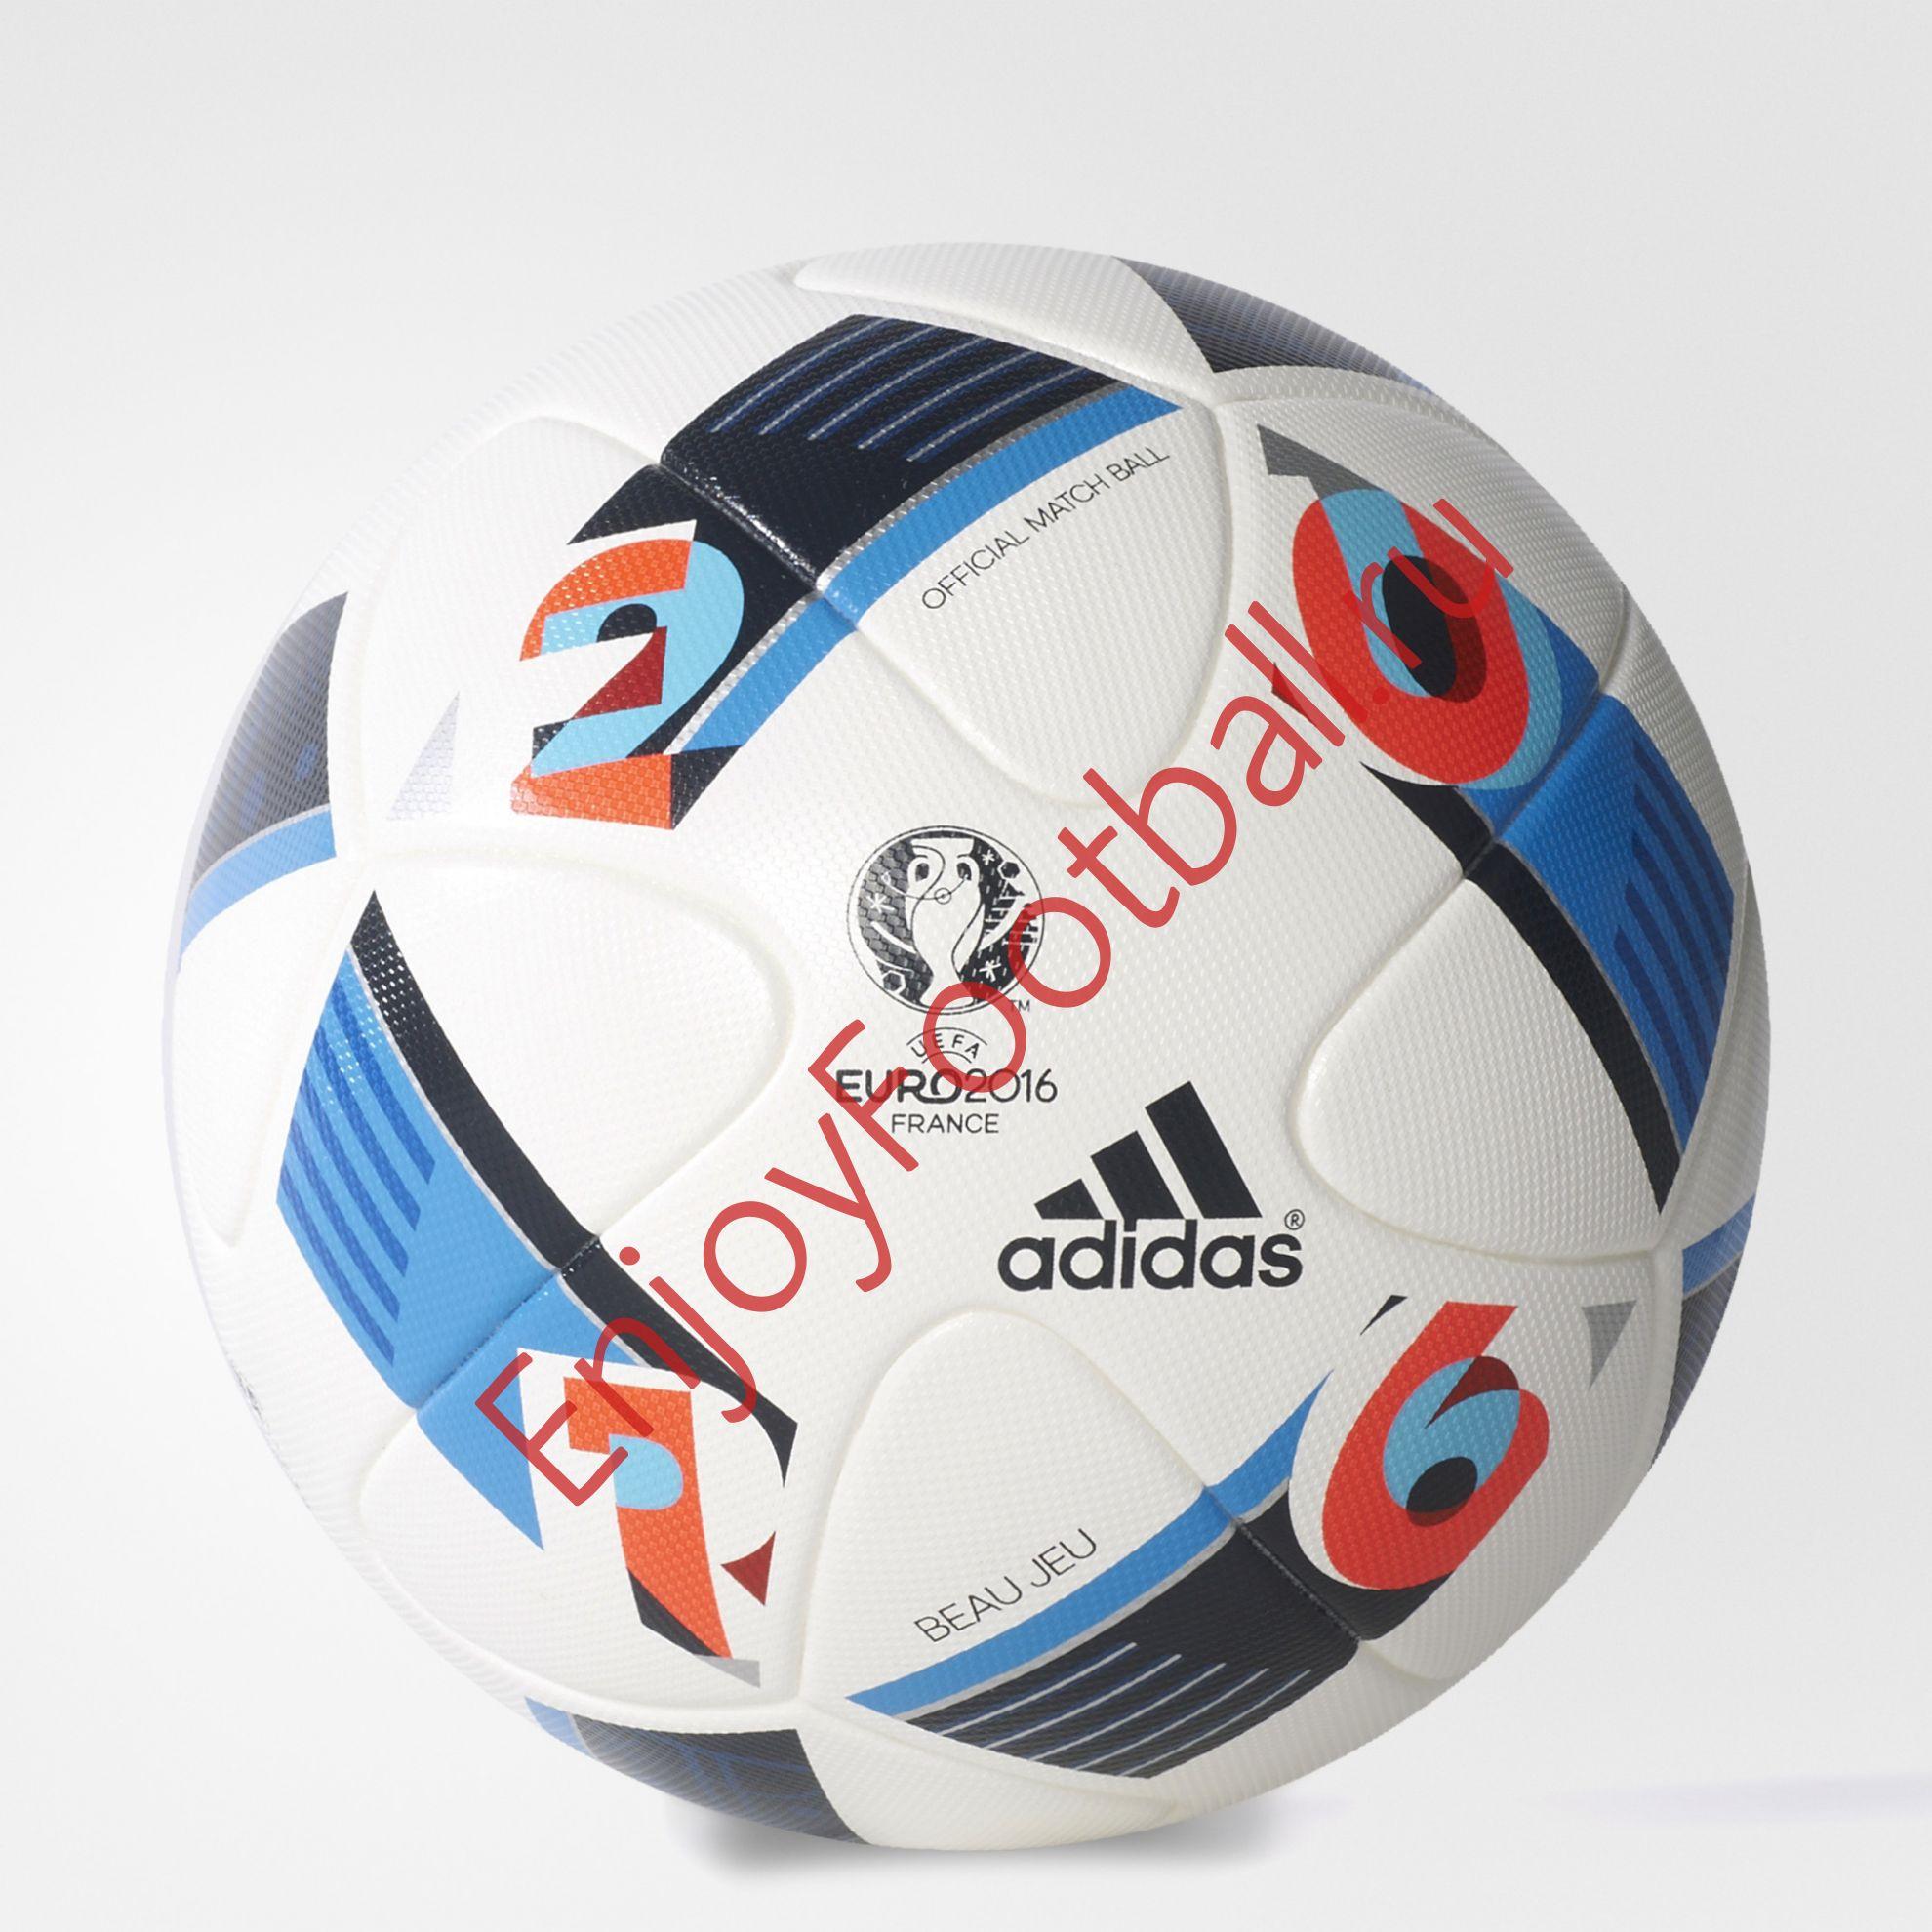 Футбольный мяч ADIDAS EURO16 BEAU JEU OMB AC5415 купить в интернет ... e9bb3a8730062